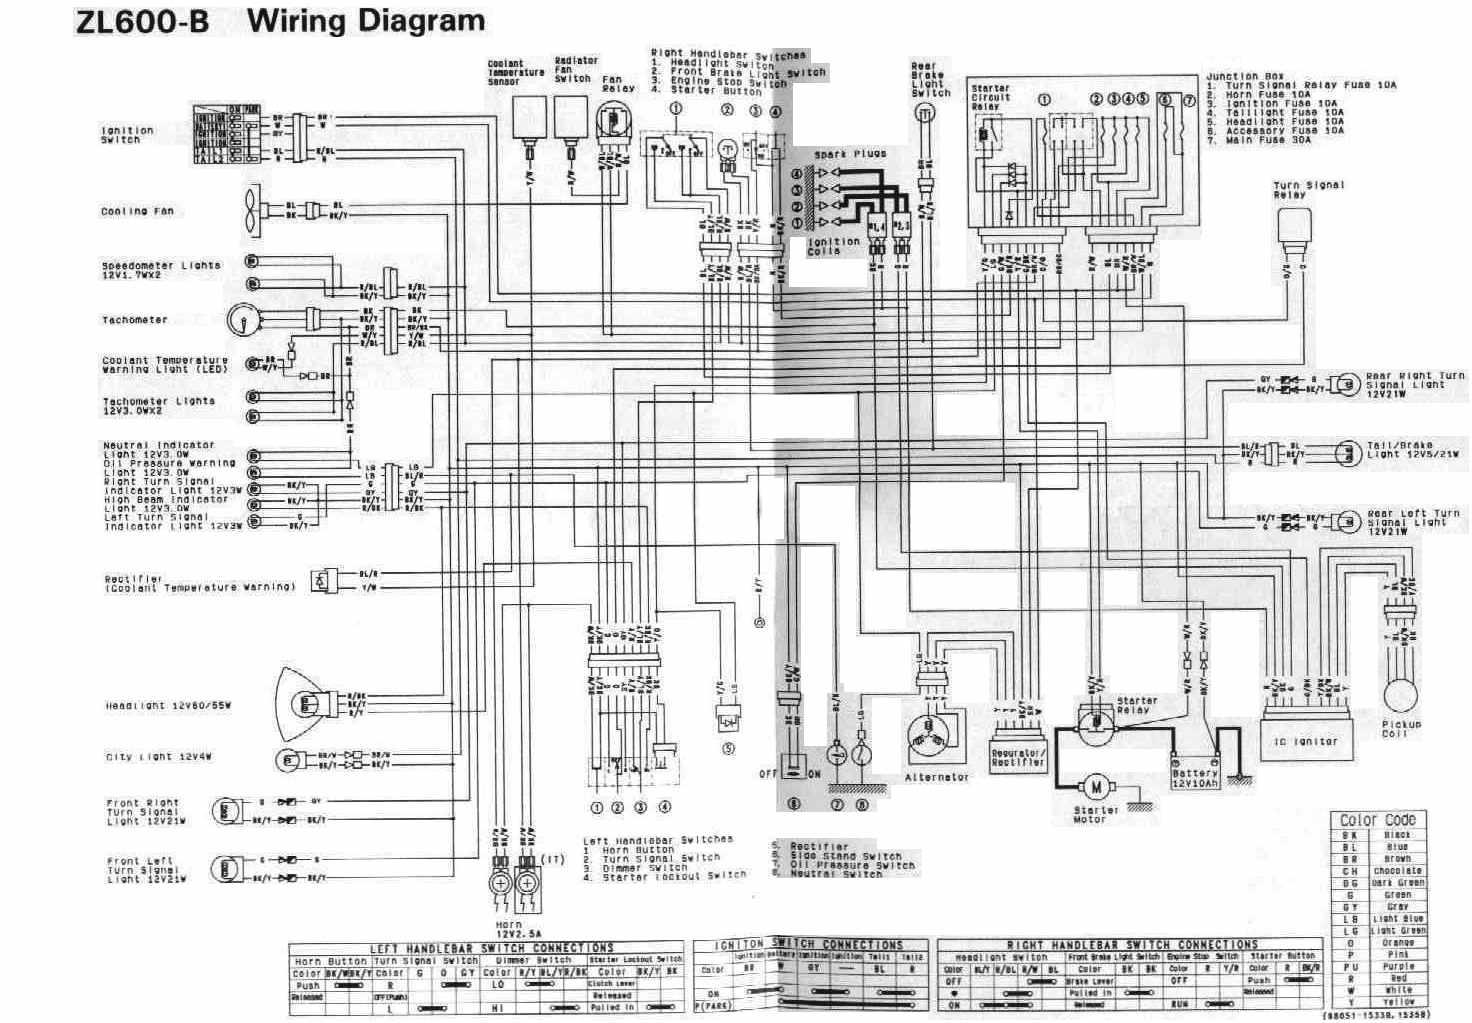 Dayton Heater Parts Manual.Dayton Garage Heater Wiring Diagram ...